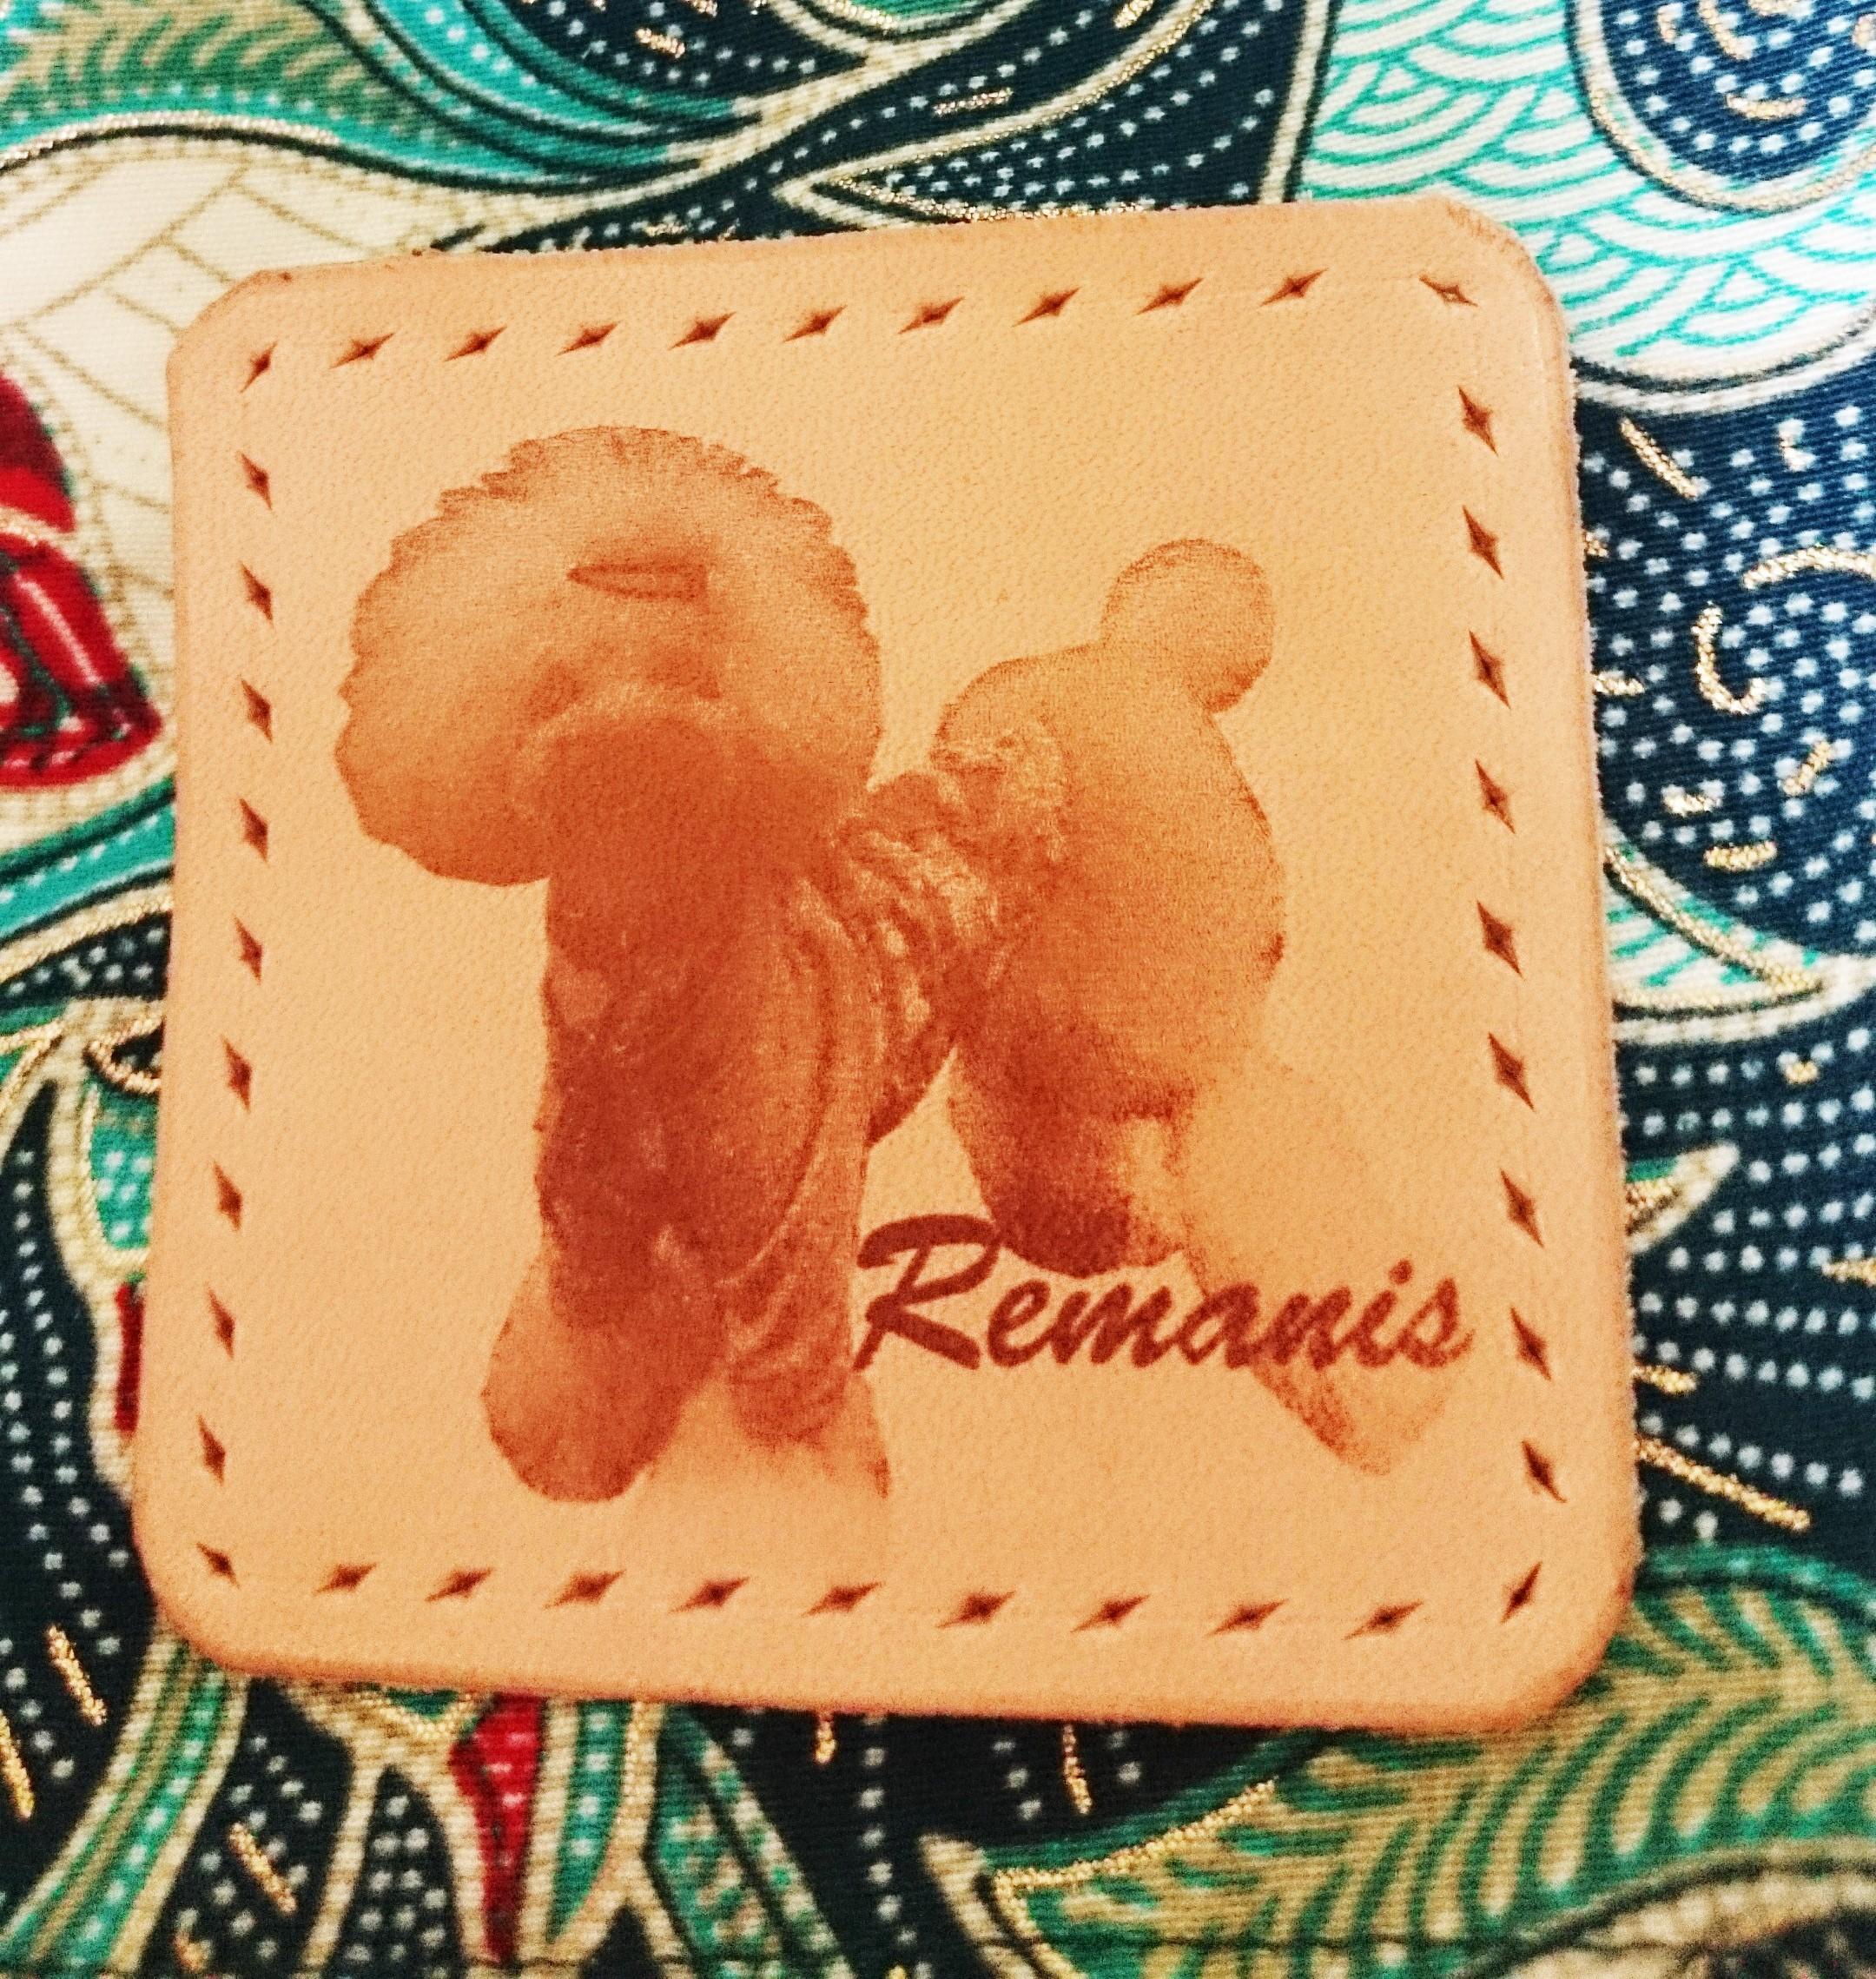 Remanis-れまにす- レザータグ